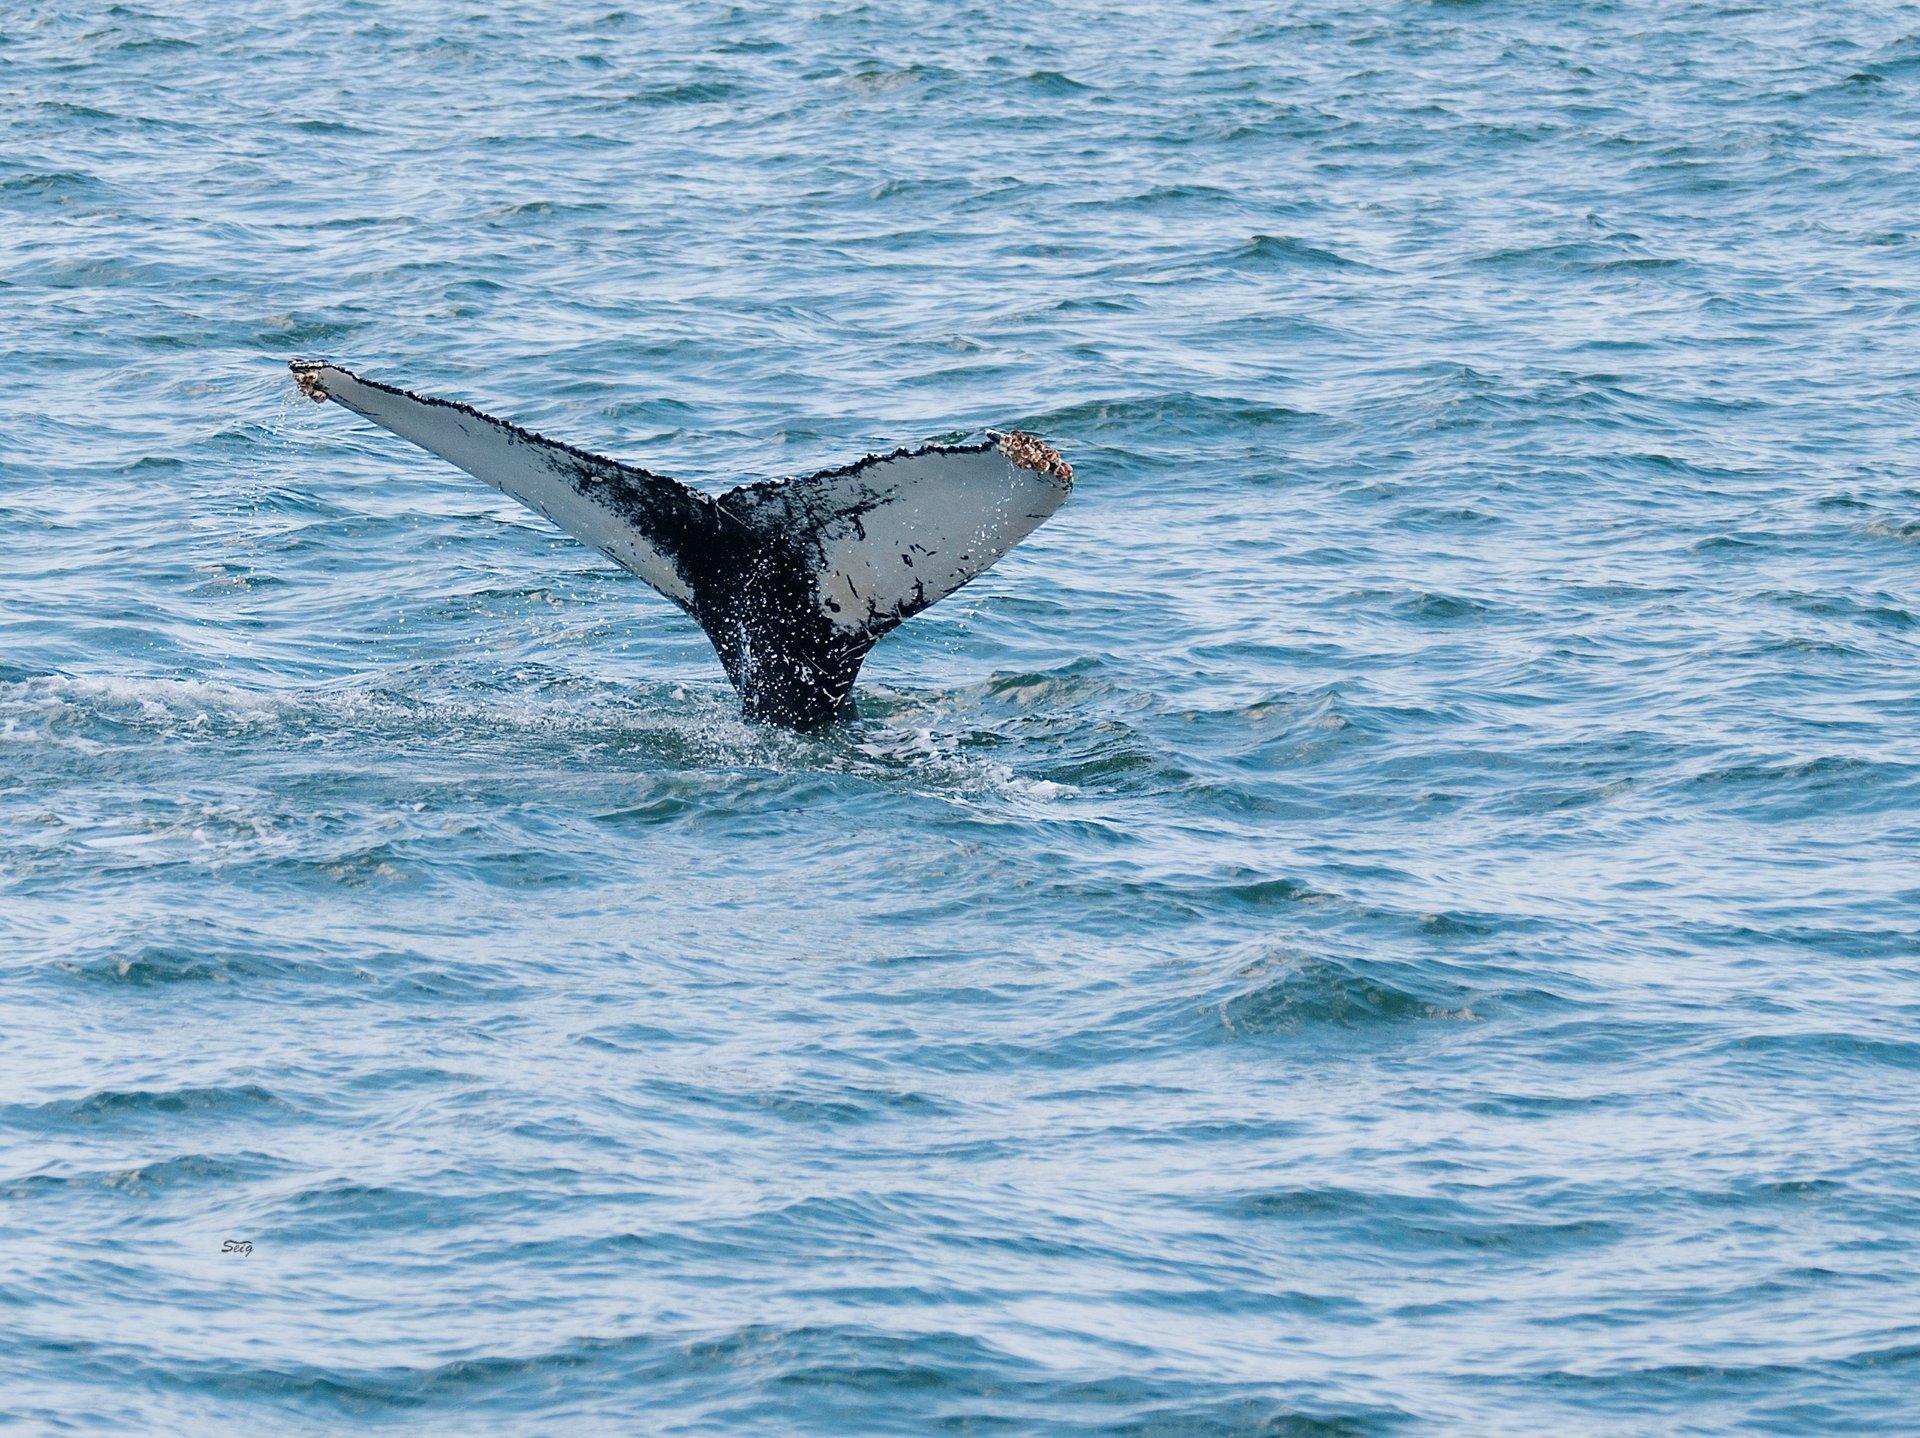 Whale Watching in Virginia Beach in Virginia 2020 - Best Time